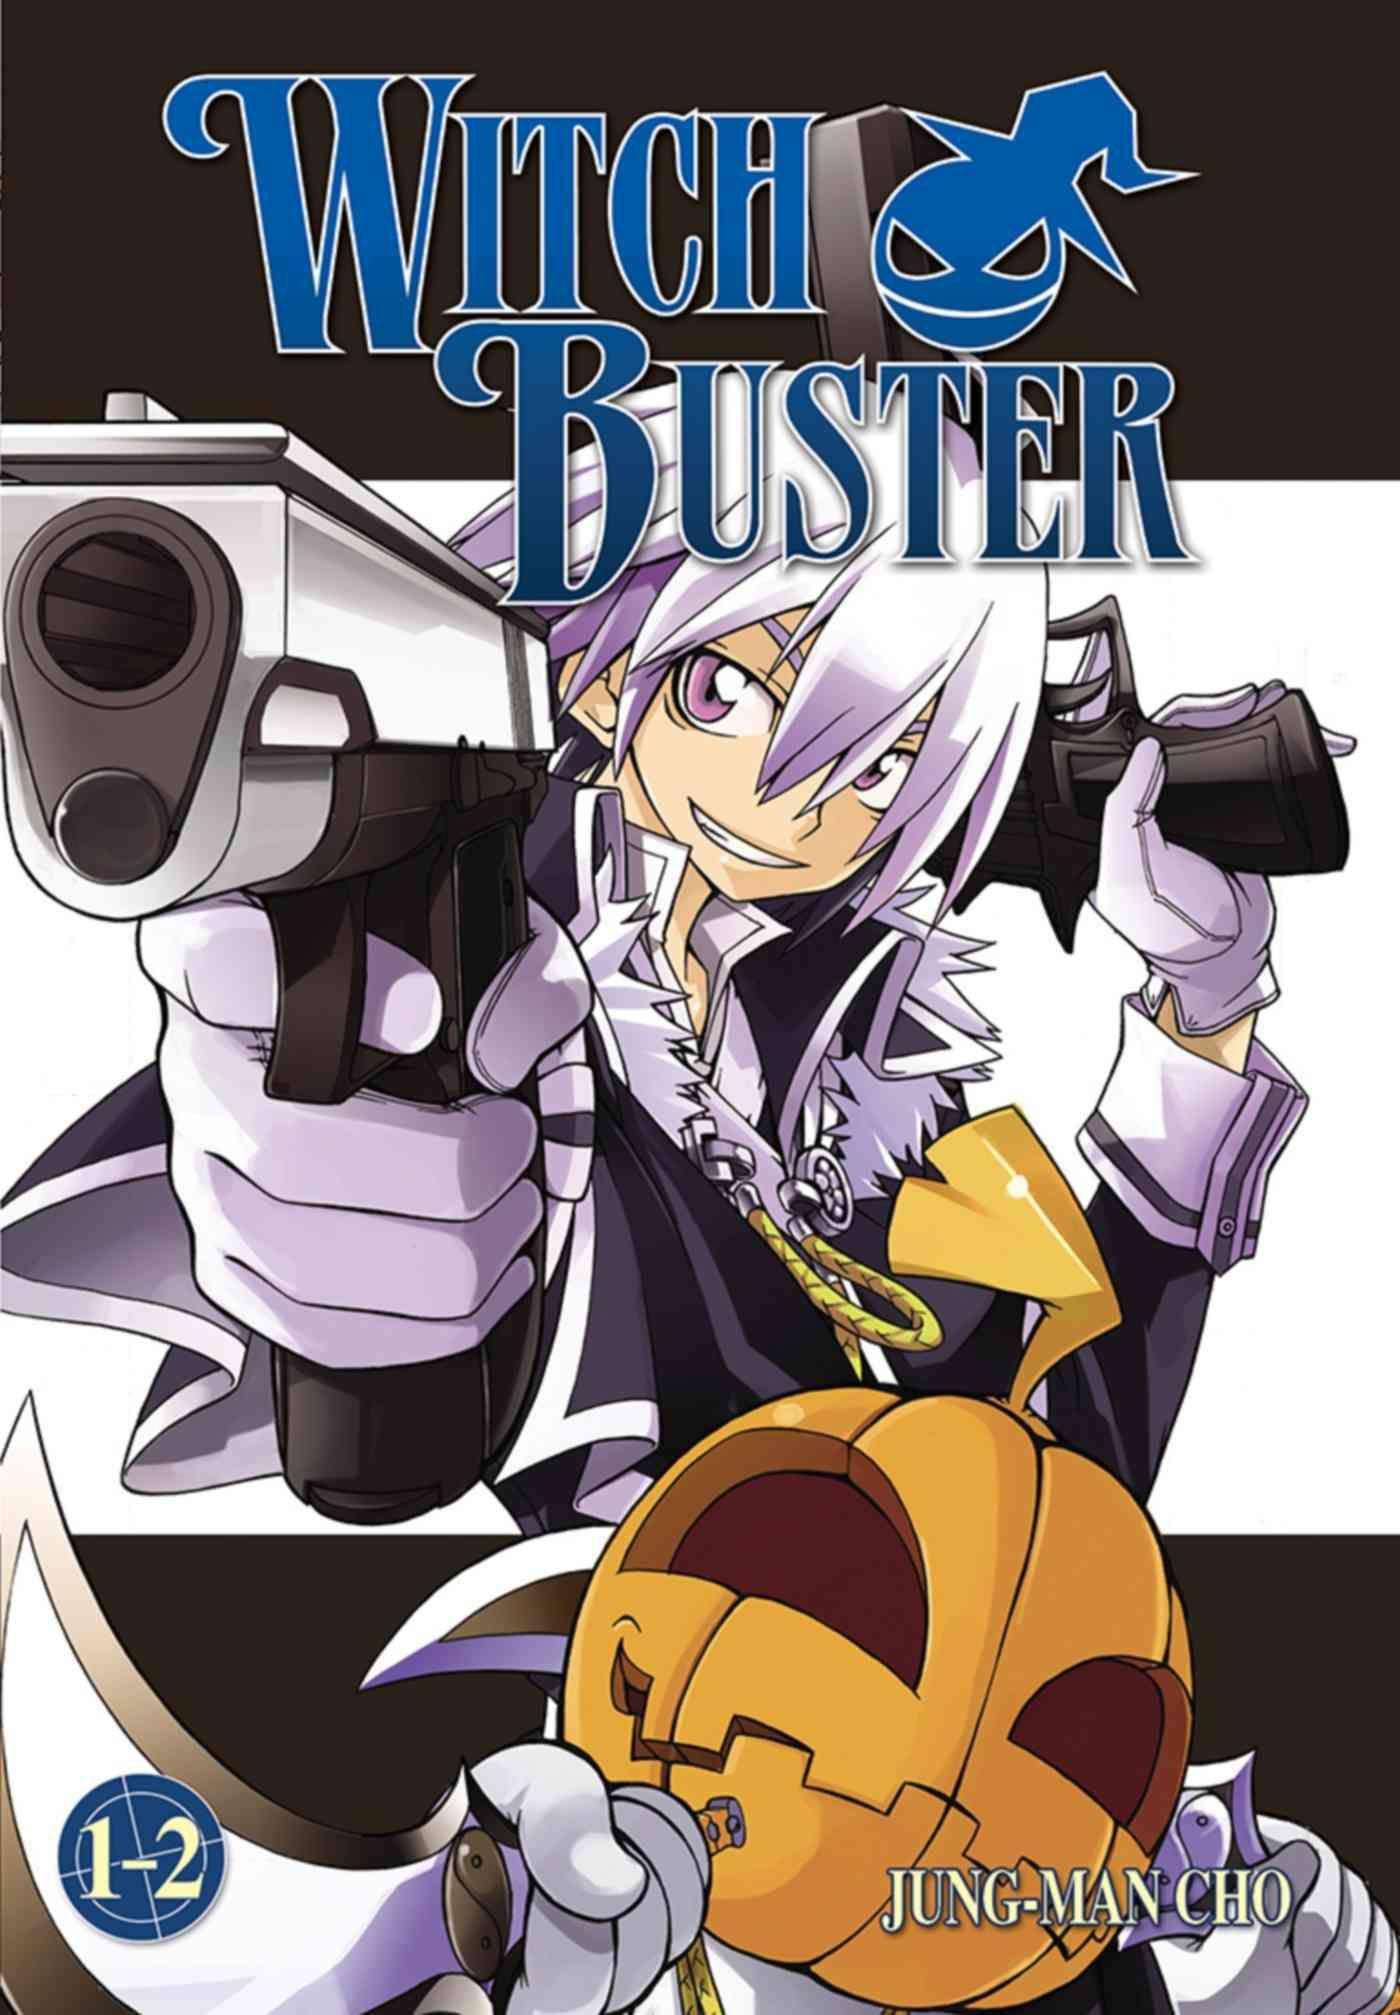 Witch Buster 12 Anime, Shōnen manga, Manga